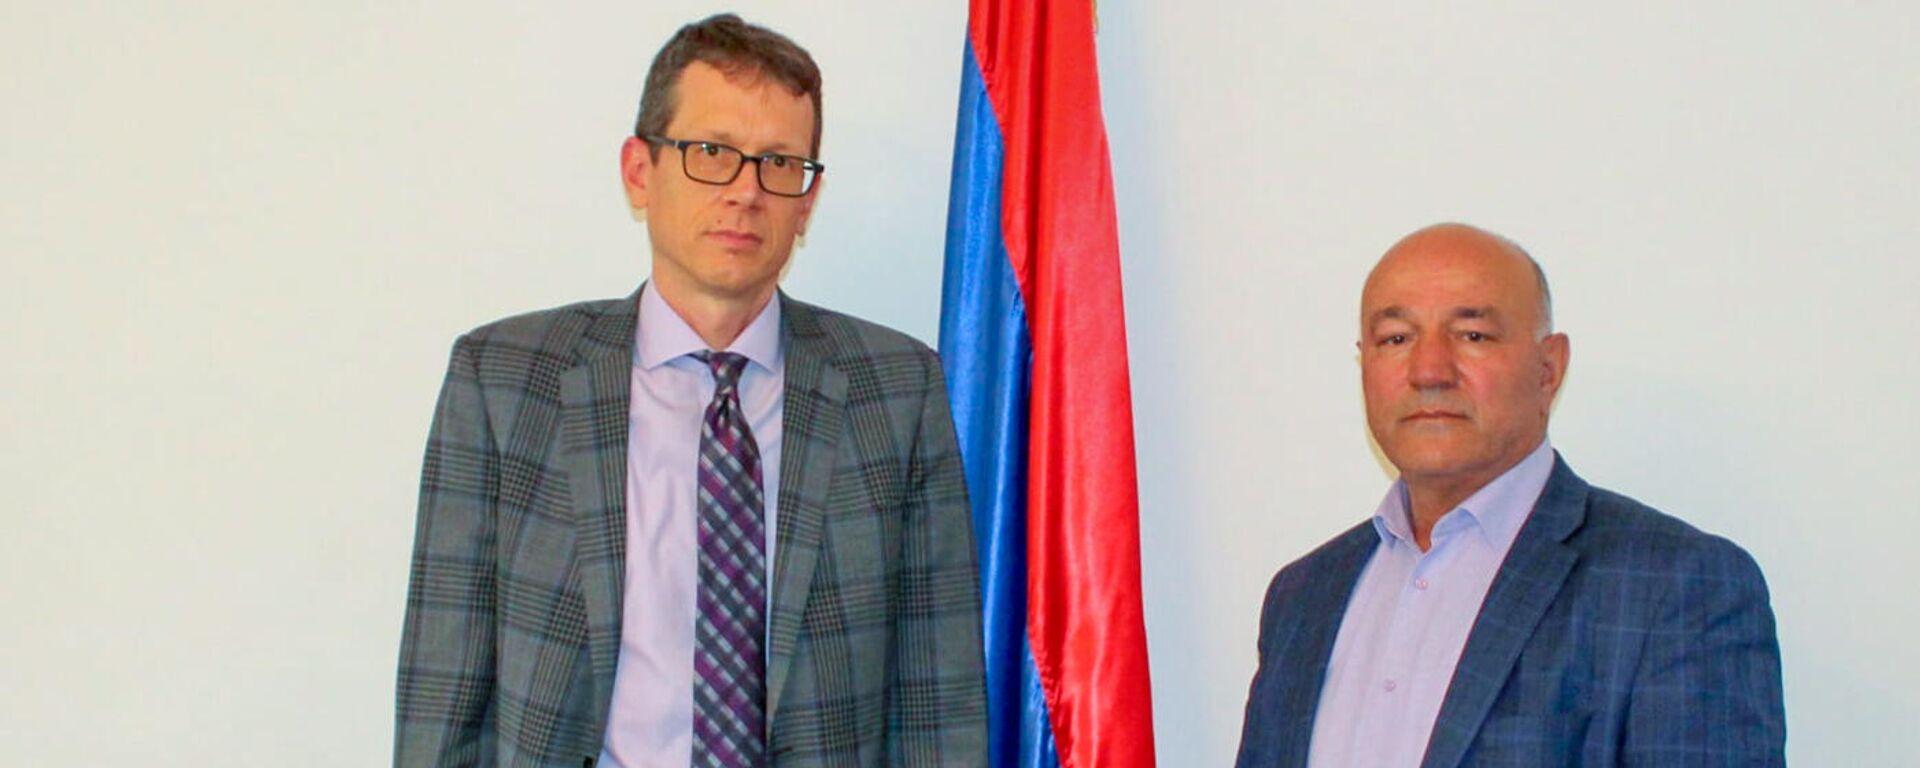 Губернатор Сюника Меликсет Погосян встретился с новоназначенным послом США Чипом Лейтиненом - Sputnik Արմենիա, 1920, 14.09.2021